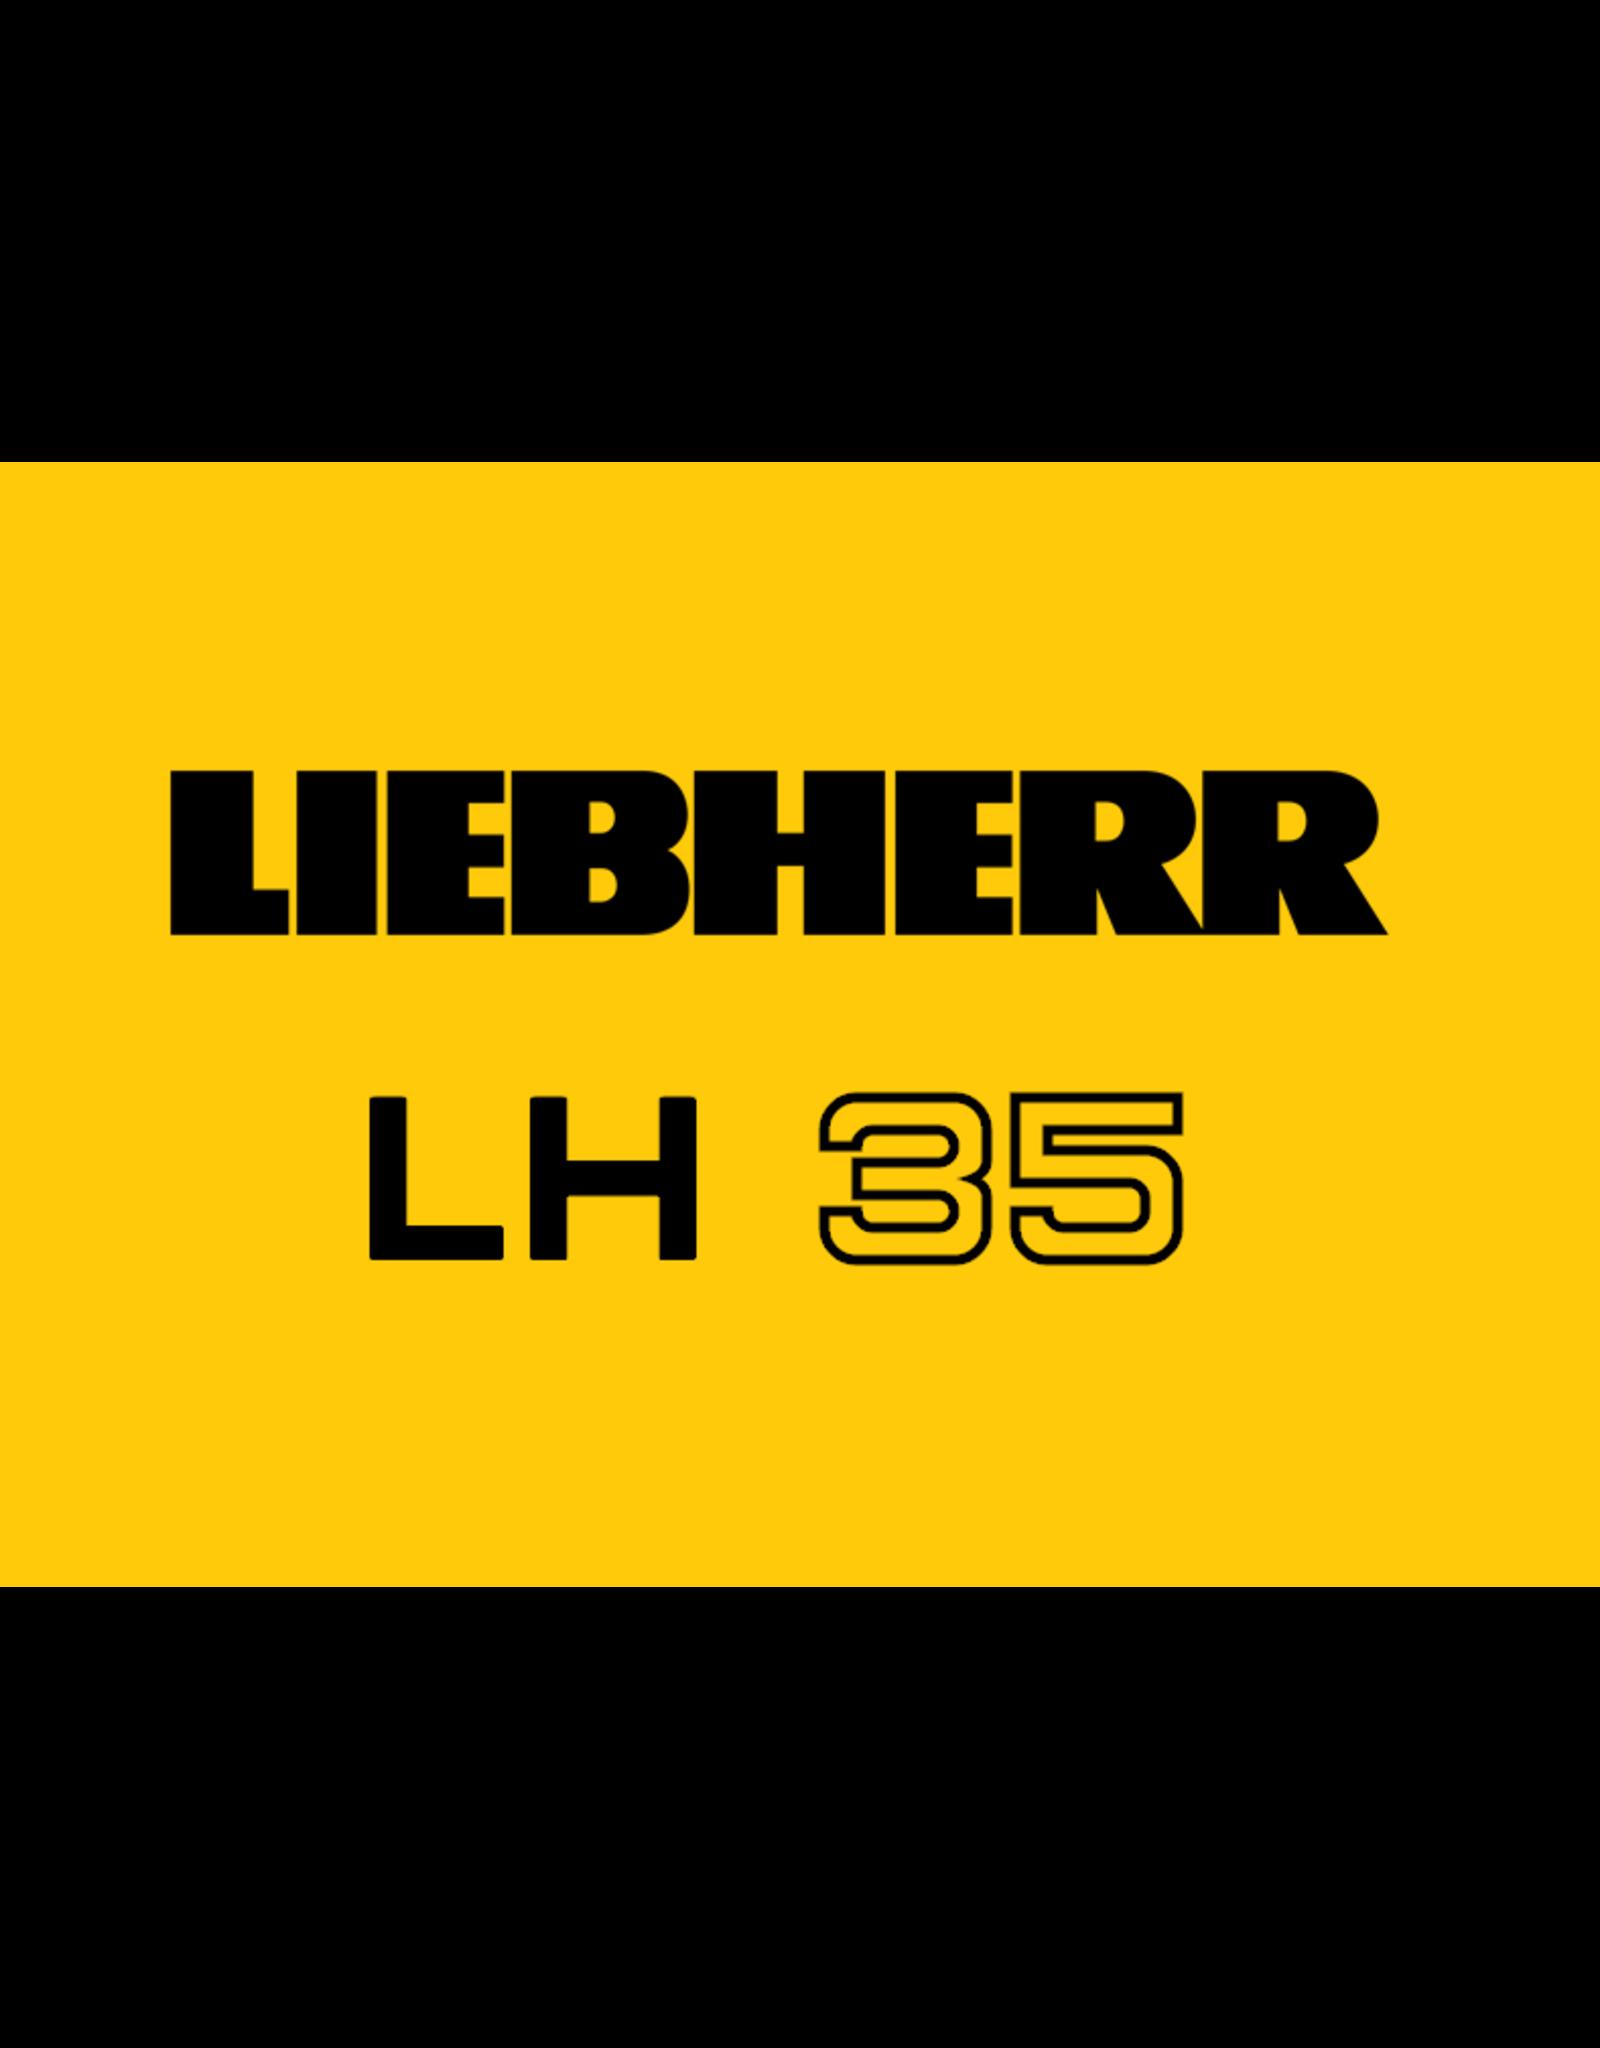 Echle Hartstahl GmbH FOPS für Liebherr LH 35